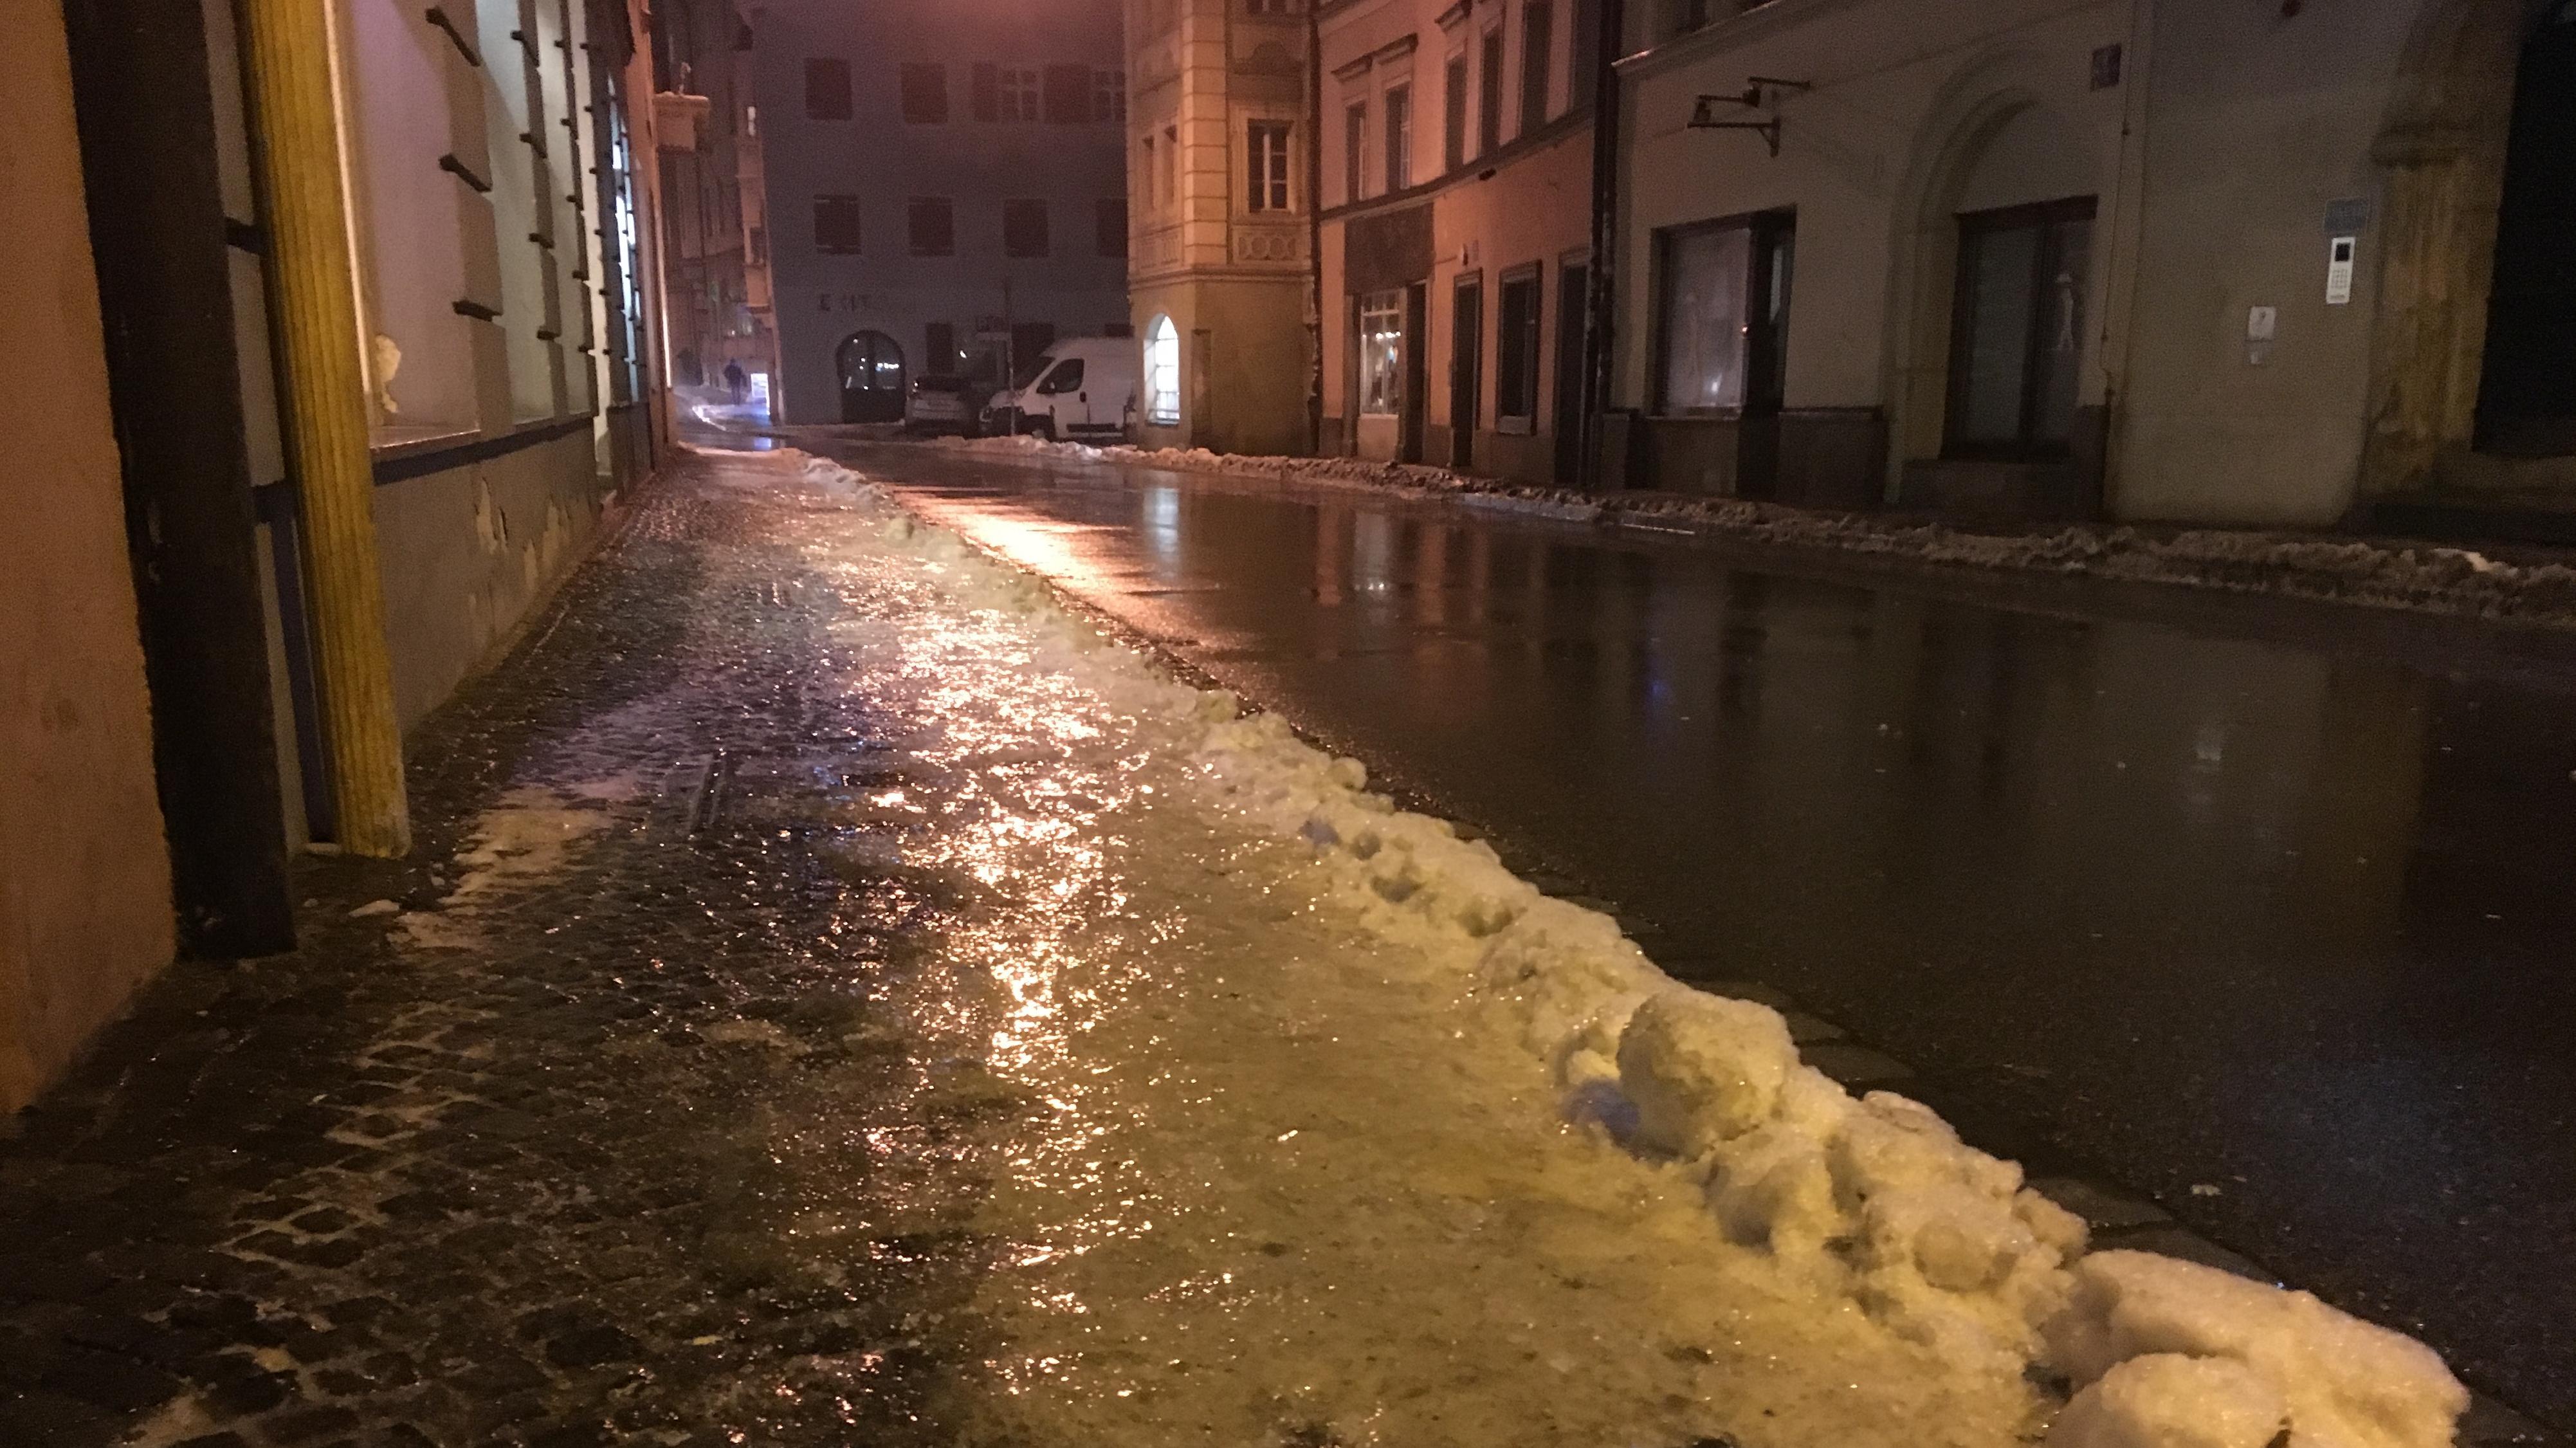 Spiegelglatte Straße in der Altstadt von Regensburg